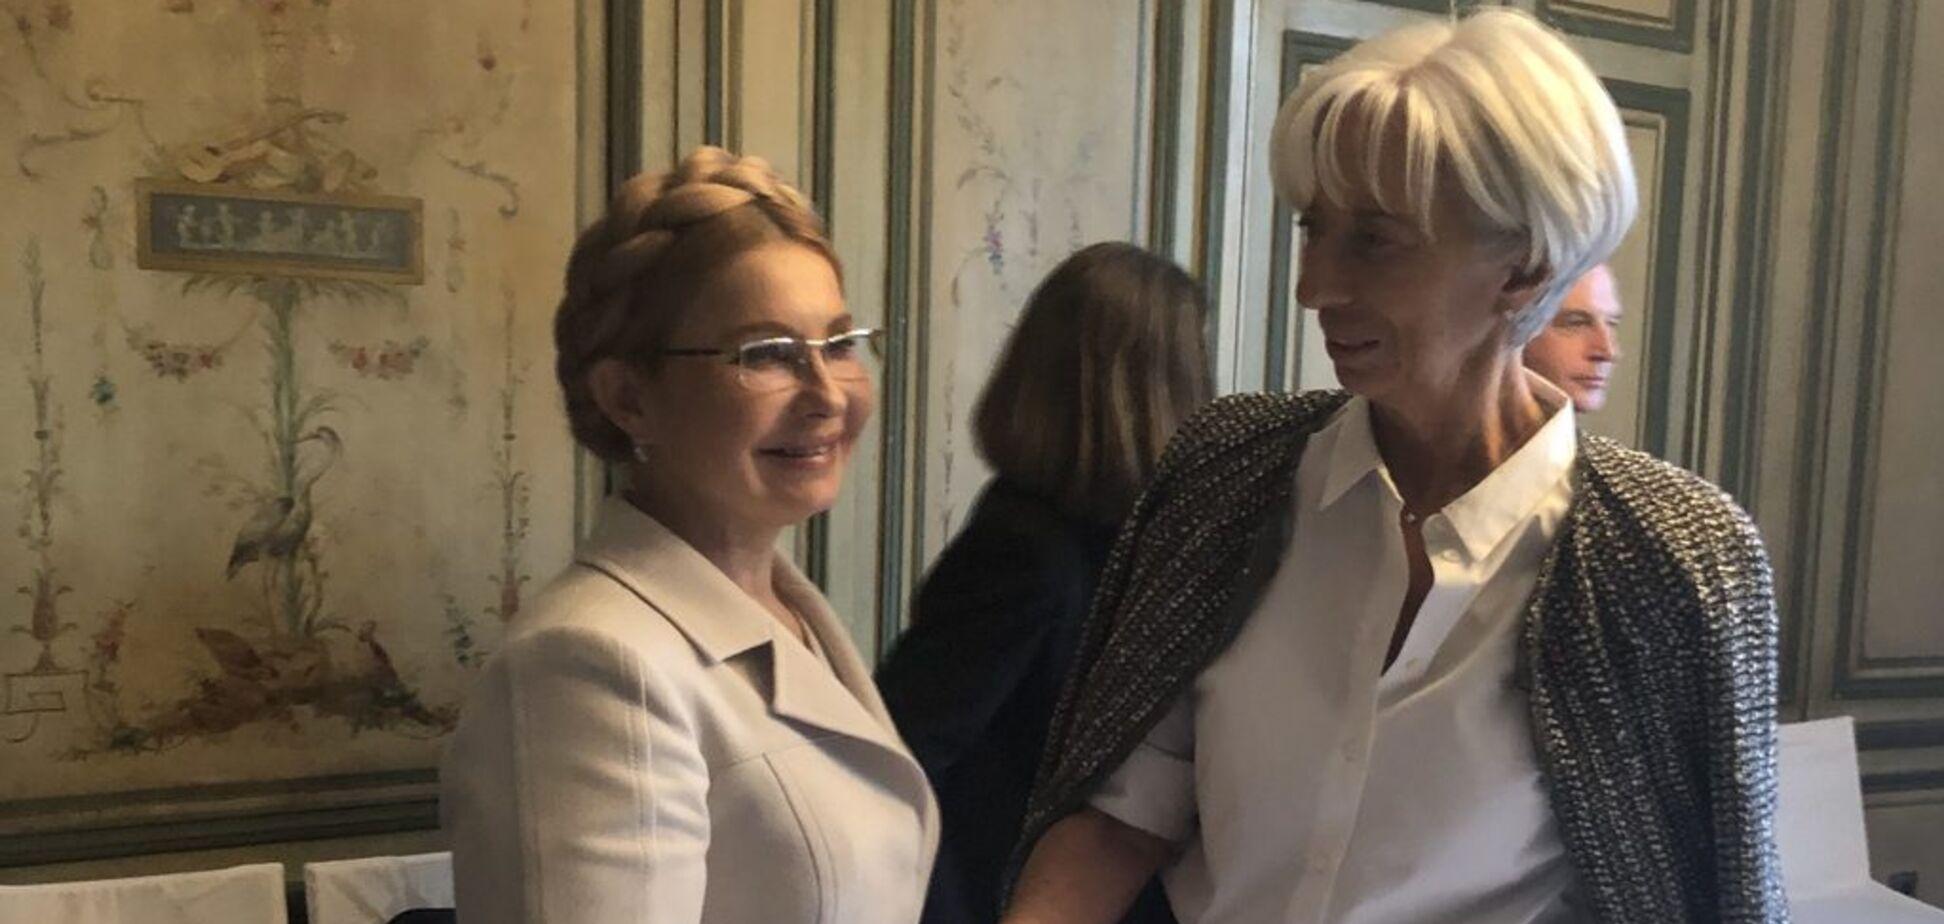 У Тимошенко заявили, что МВФ готов к переговорам о снижении цены на газ